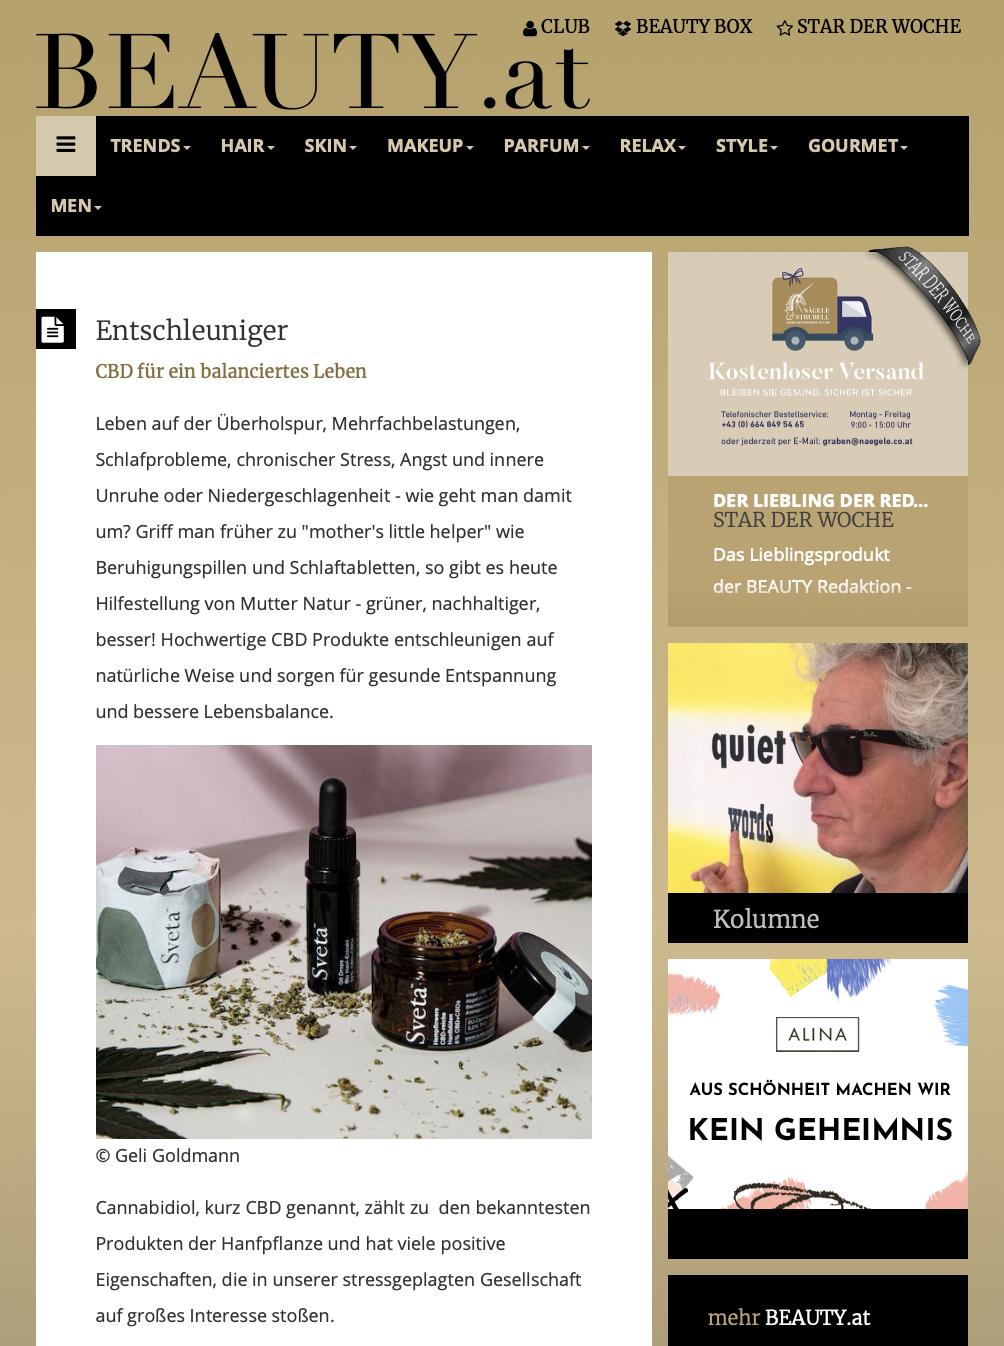 Online-Artikel von Beauty.at über die hochwertigen CBD-Produkte aus Österreich